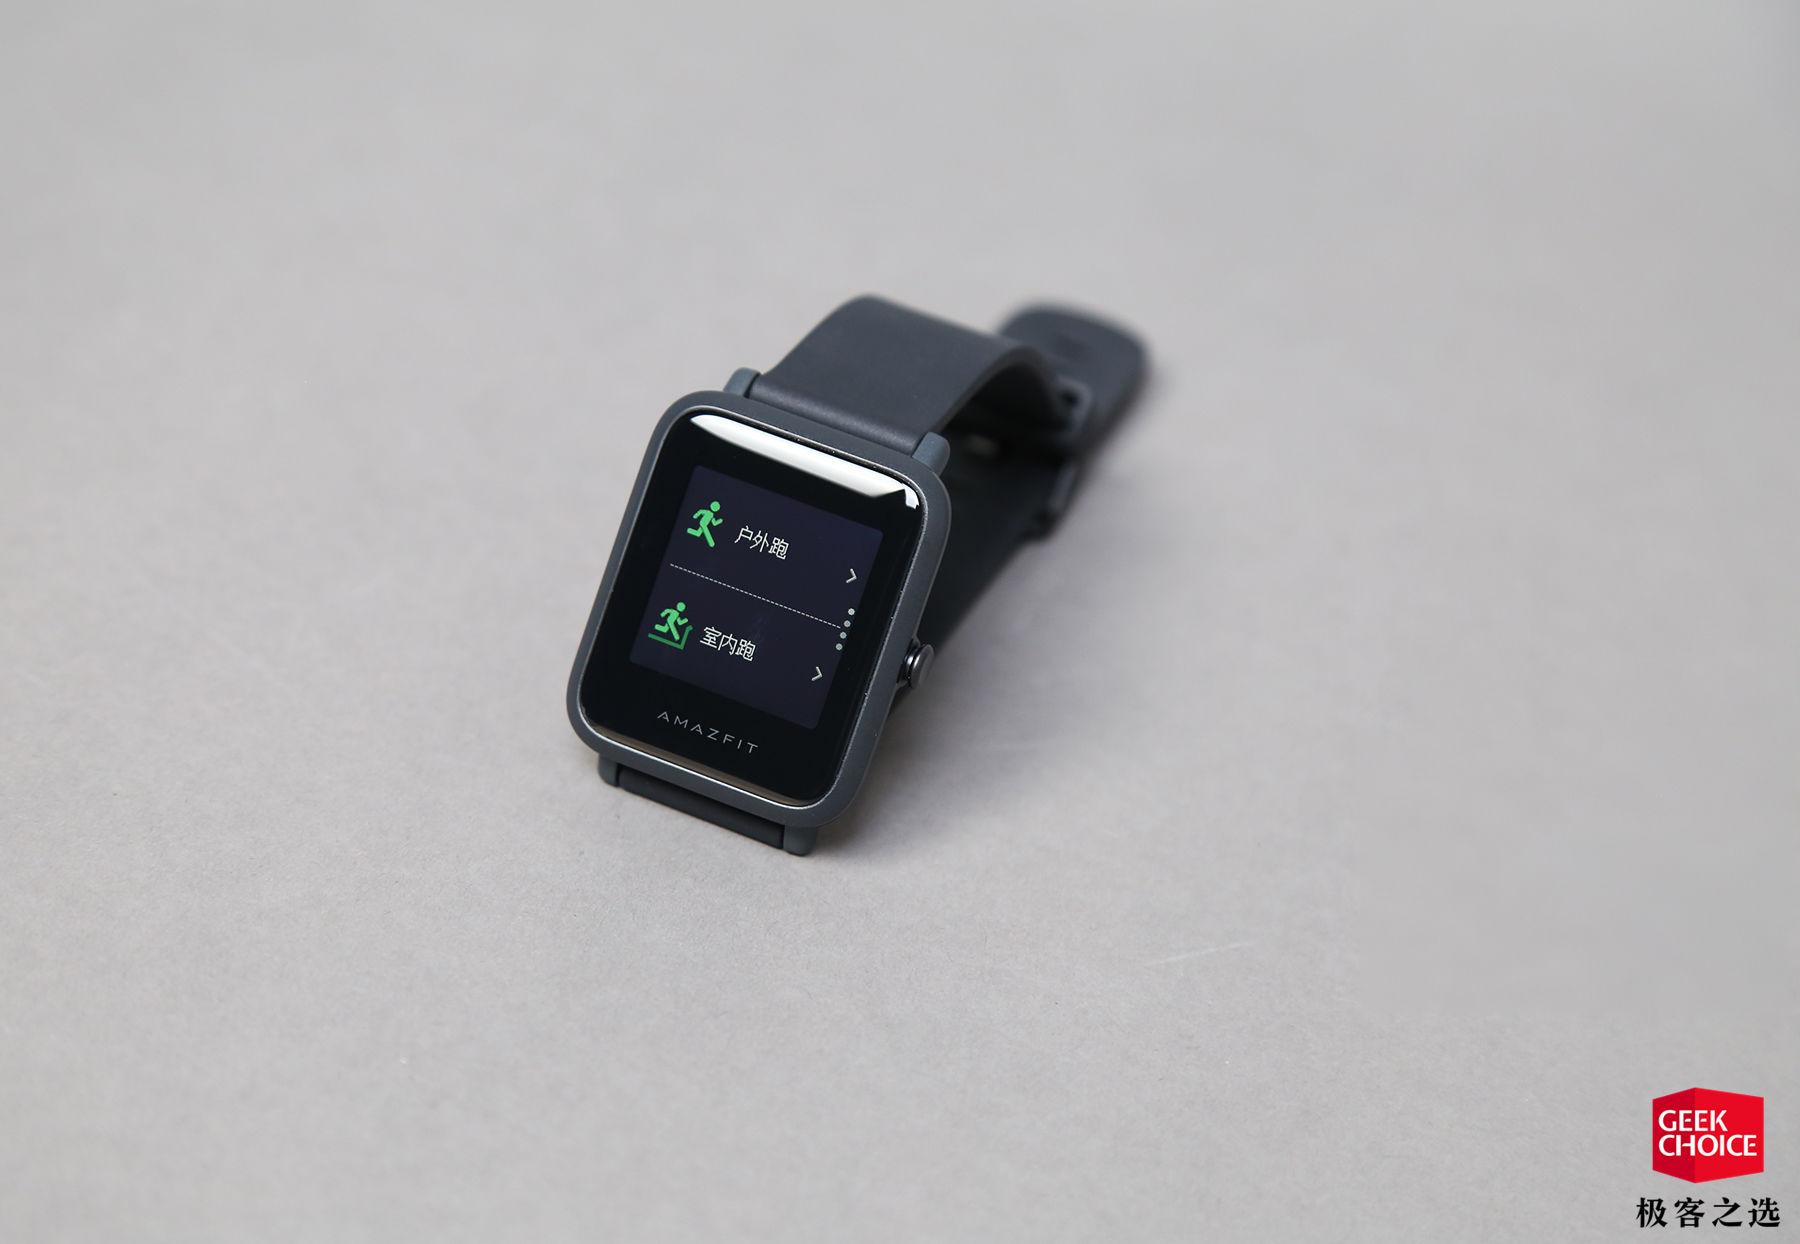 华米米动手表青春版1S上手:依旧399元,但NFC和50米防水都有了